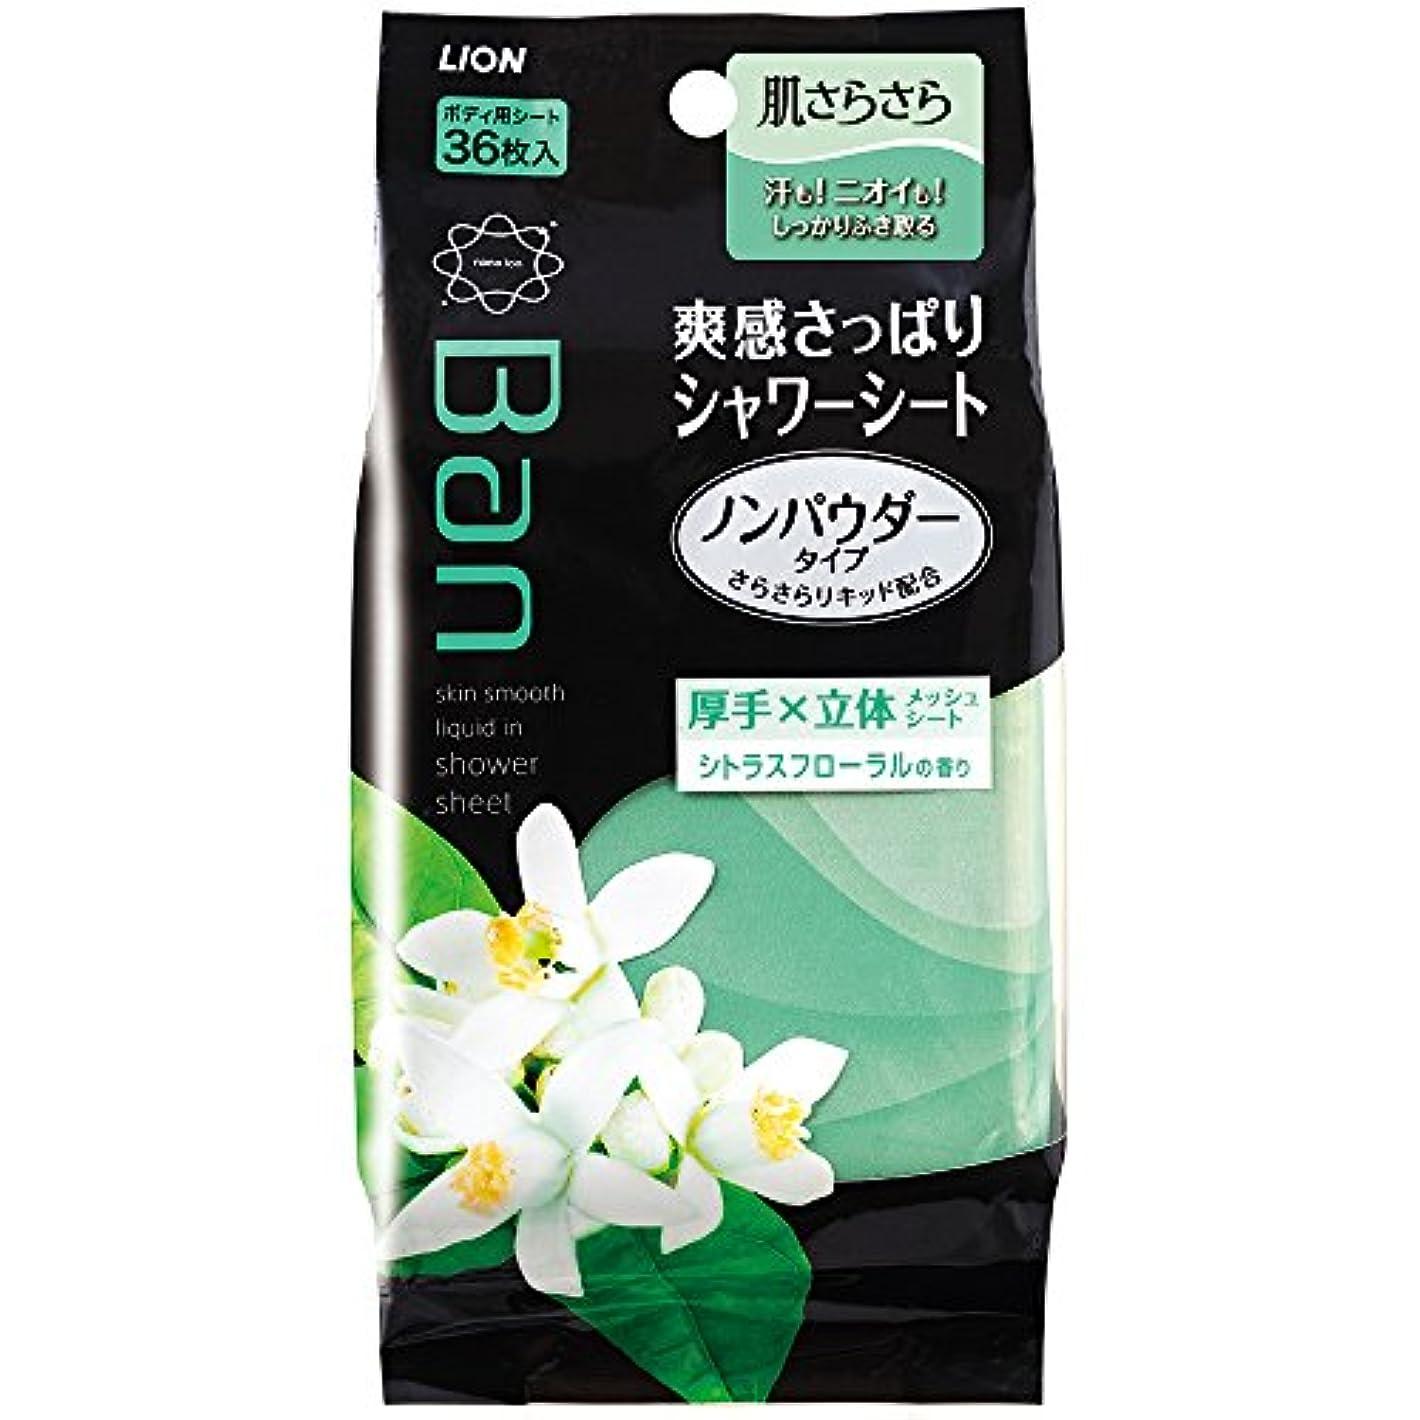 ディベート頑丈衣装Ban(バン) 爽感さっぱりシャワーシート ノンパウダータイプ シトラスフローラルの香り 36枚